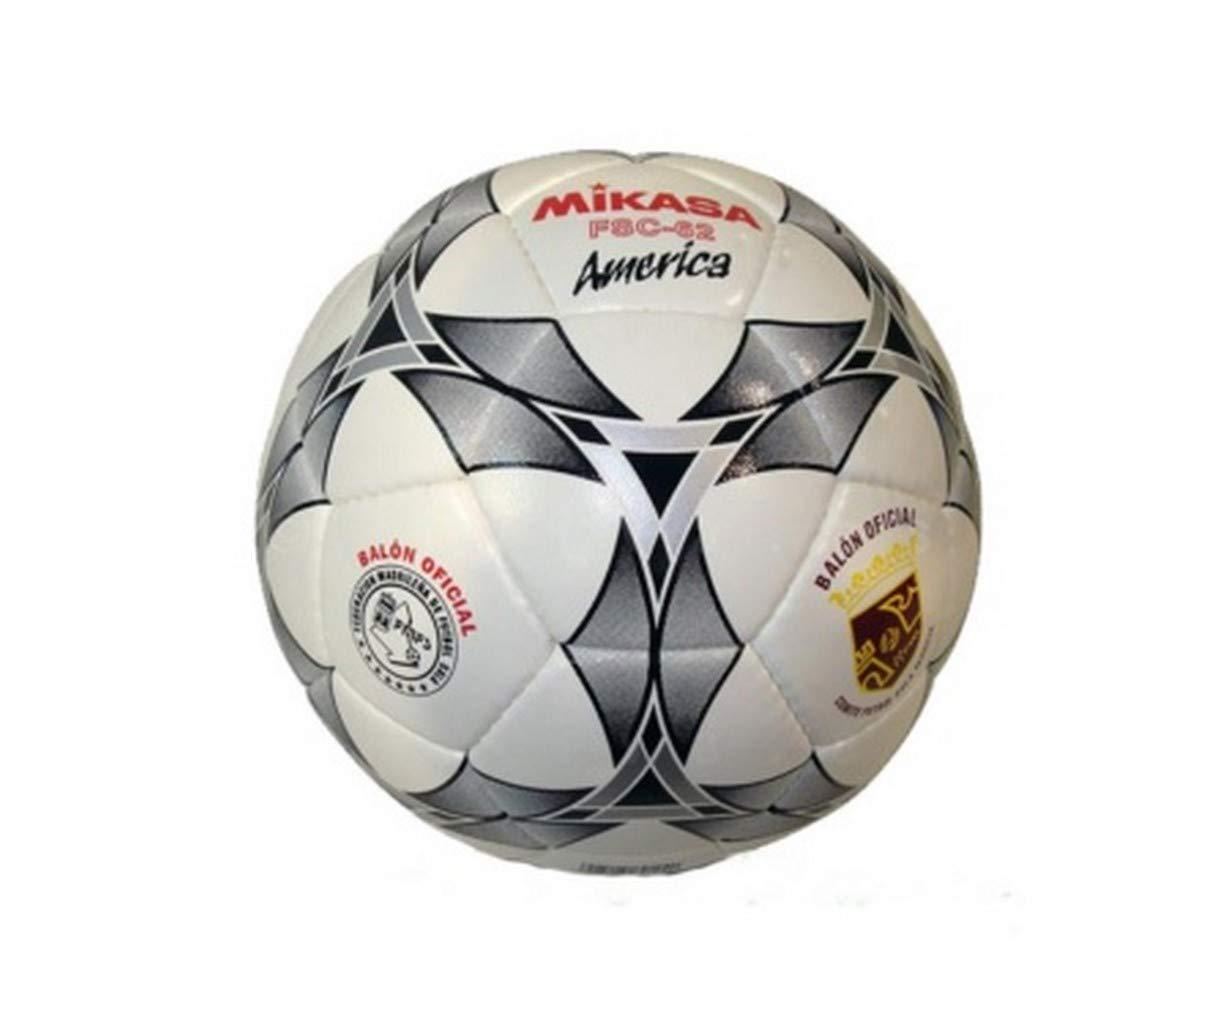 MIKASA Balón America FSC 62M: Amazon.es: Deportes y aire libre